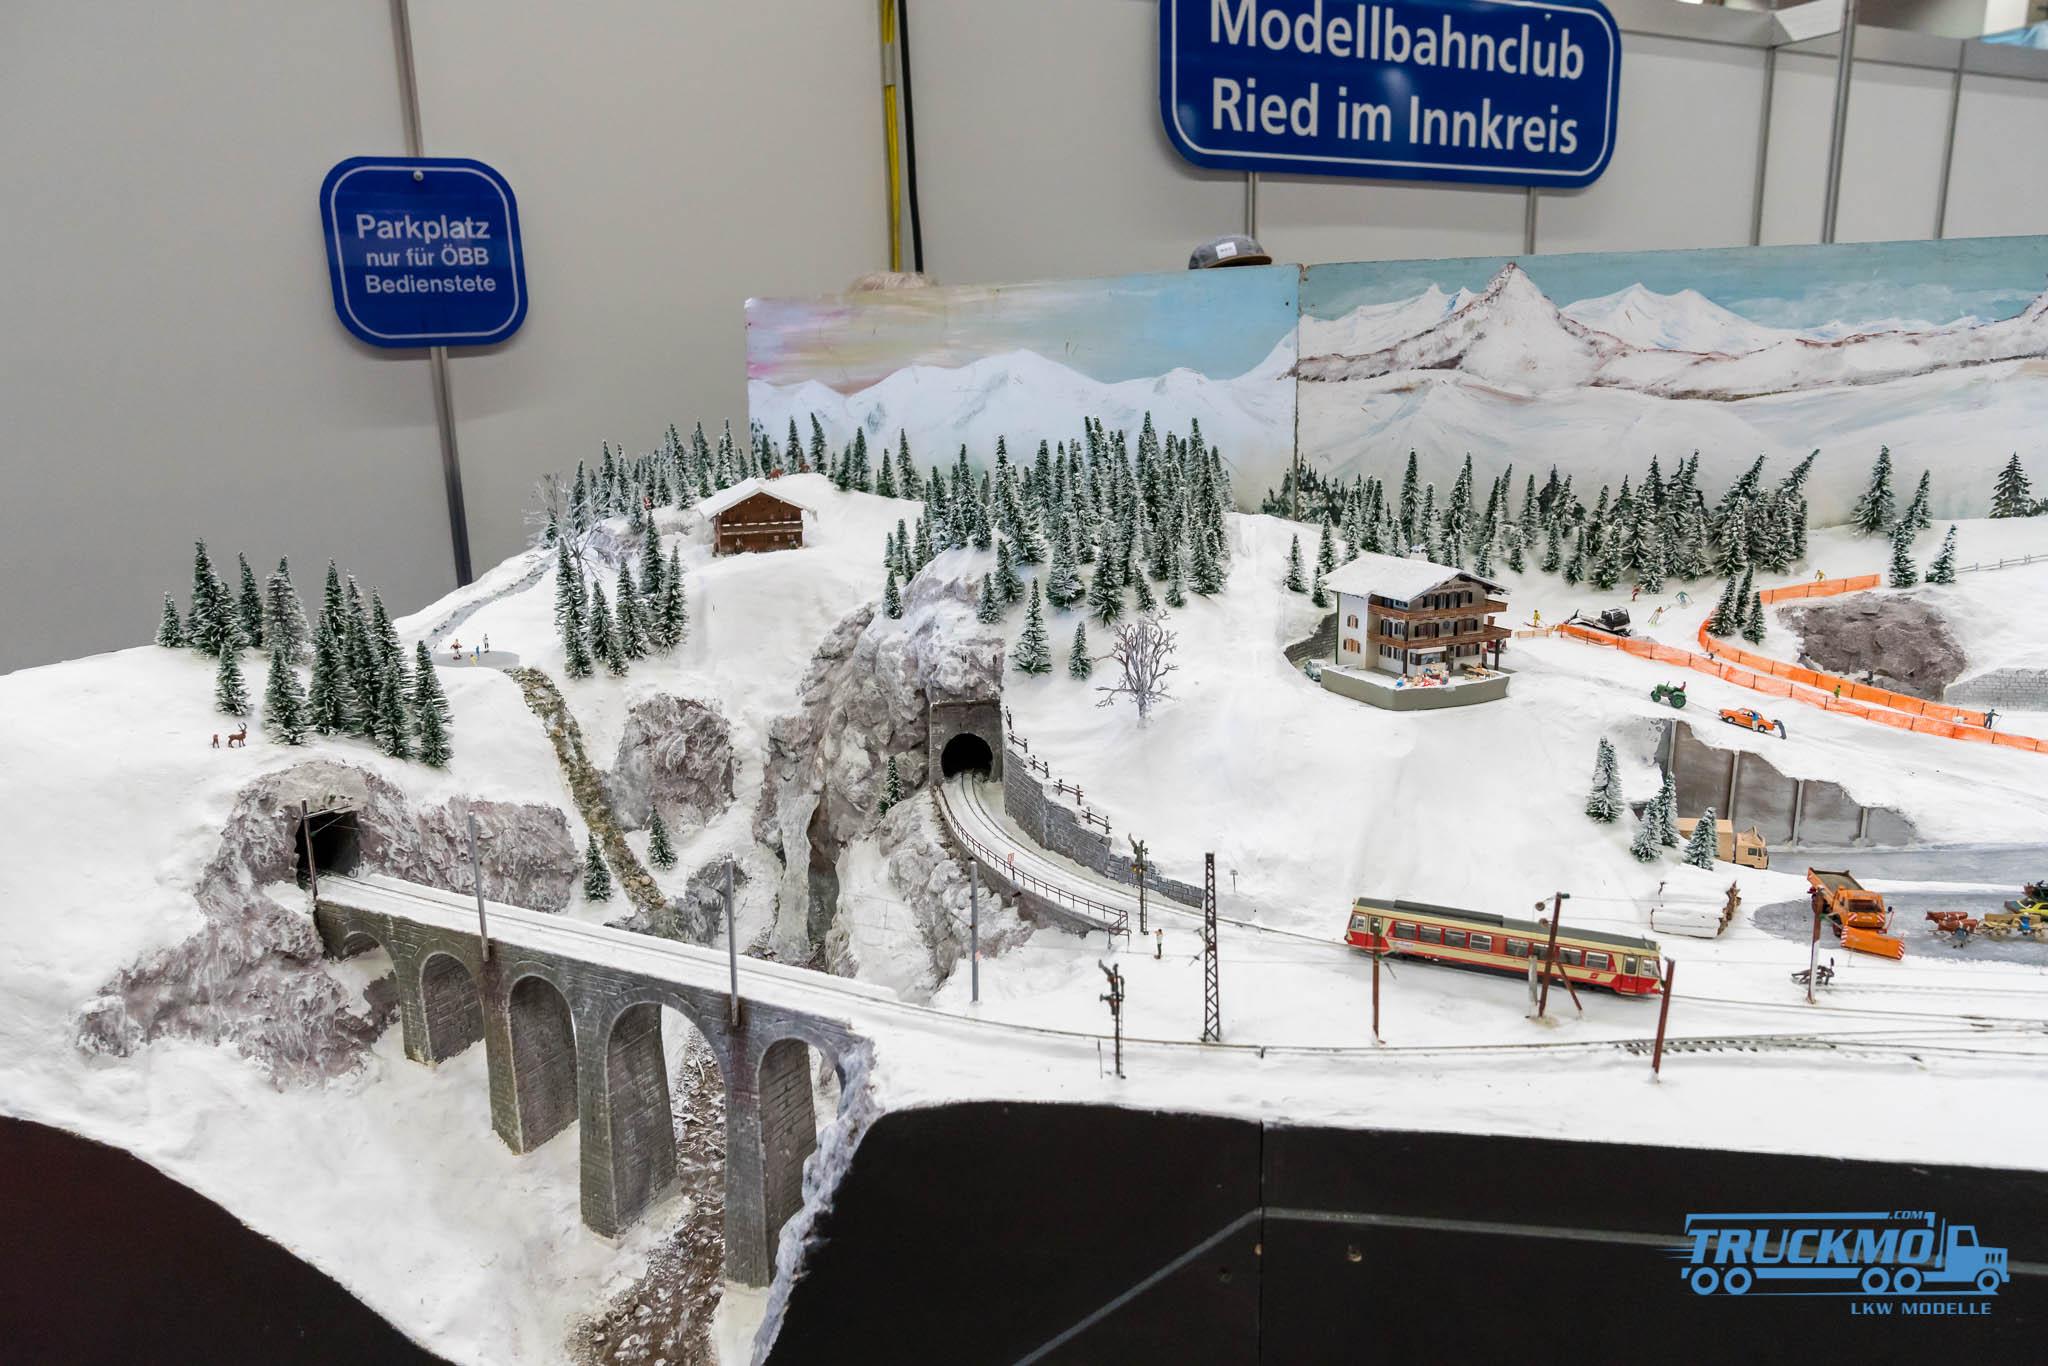 Truckmo_Modellbau_Ried_2017_Herpa_Messe_Modellbauausstellung (87 von 1177)